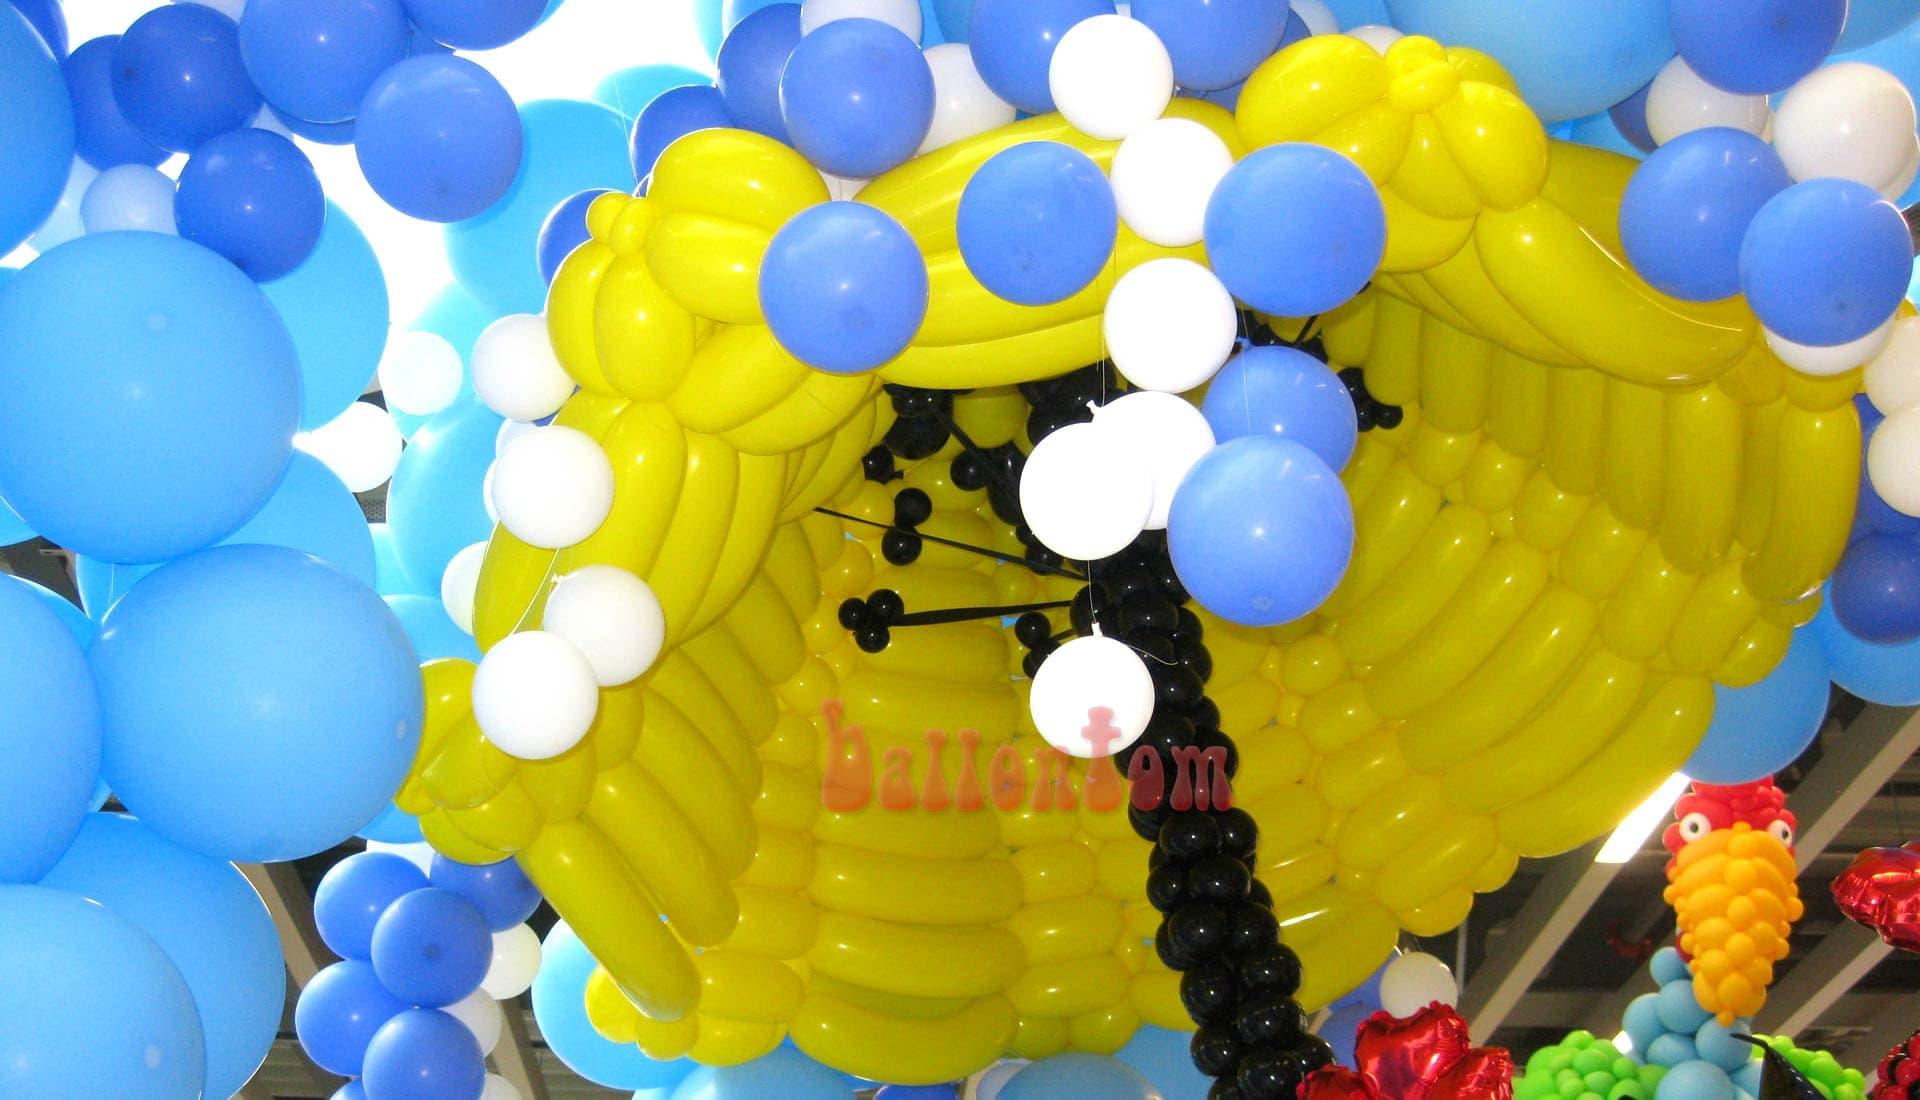 Ballonwelt Lausanne - Schweiz - Regenschirm - Projekt: Canniballoon Team Didier Dvorak - Unterstützt durch ballontom